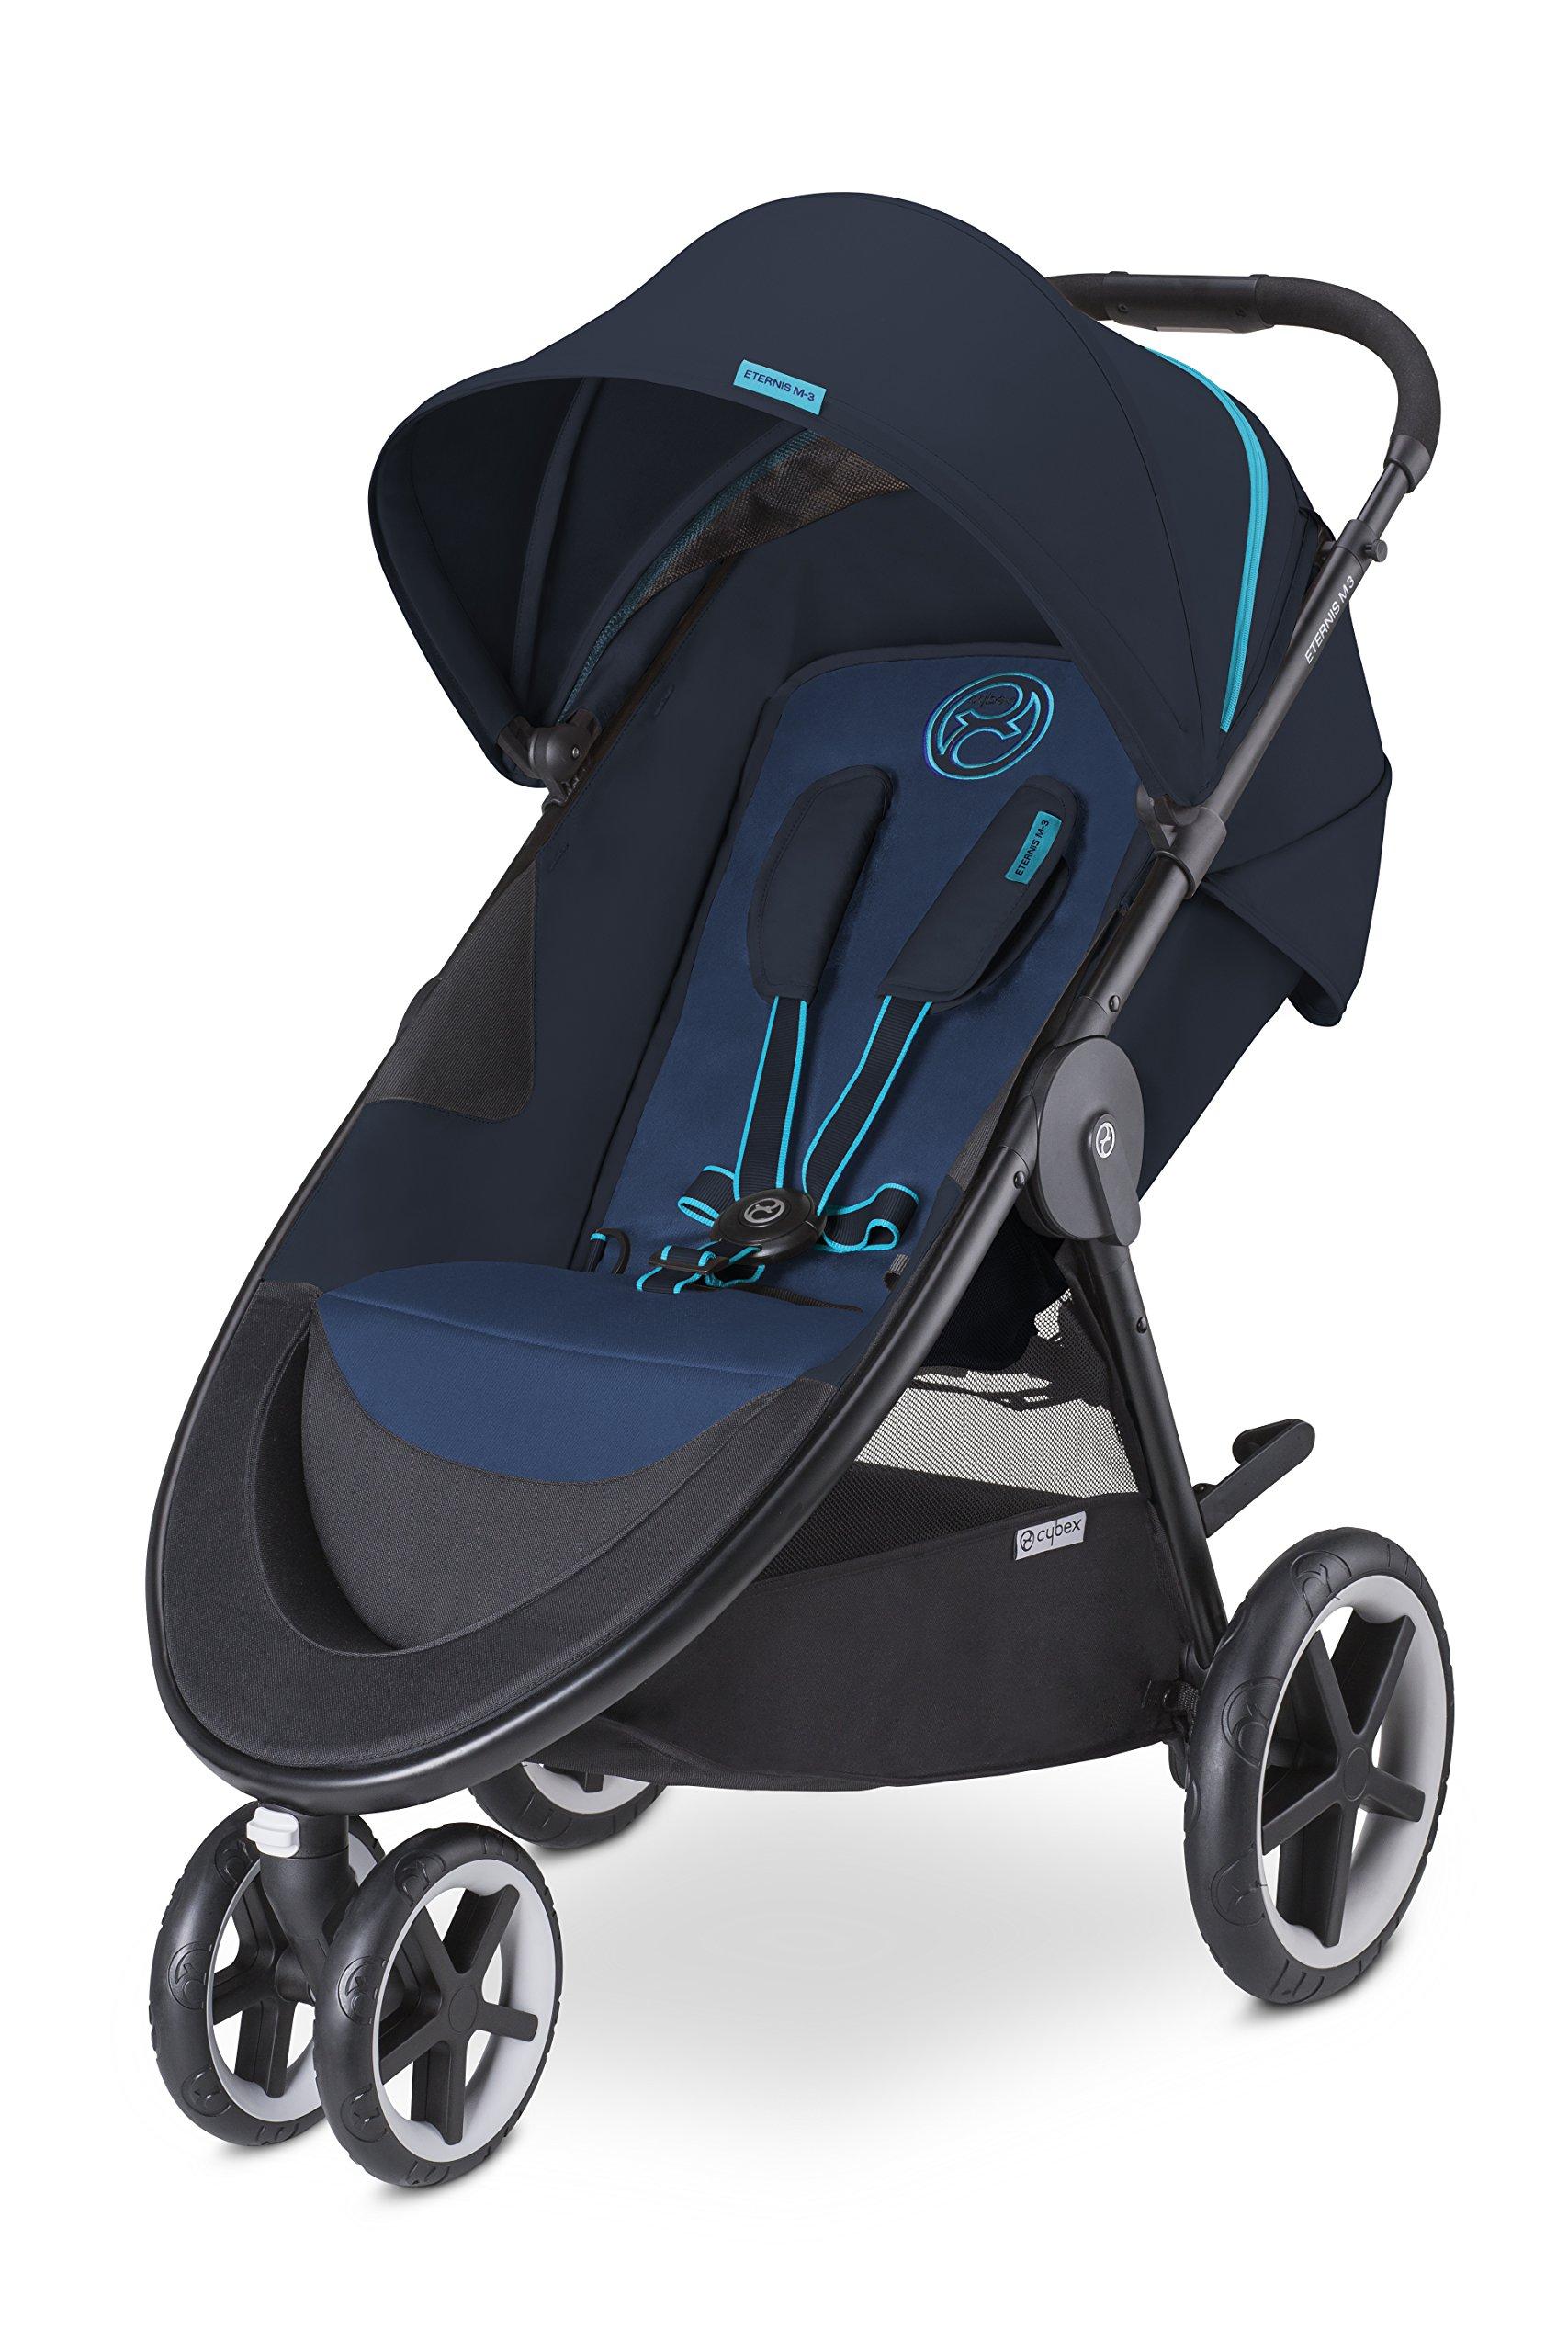 CYBEX Eternis M3 Baby Stroller, True Blue